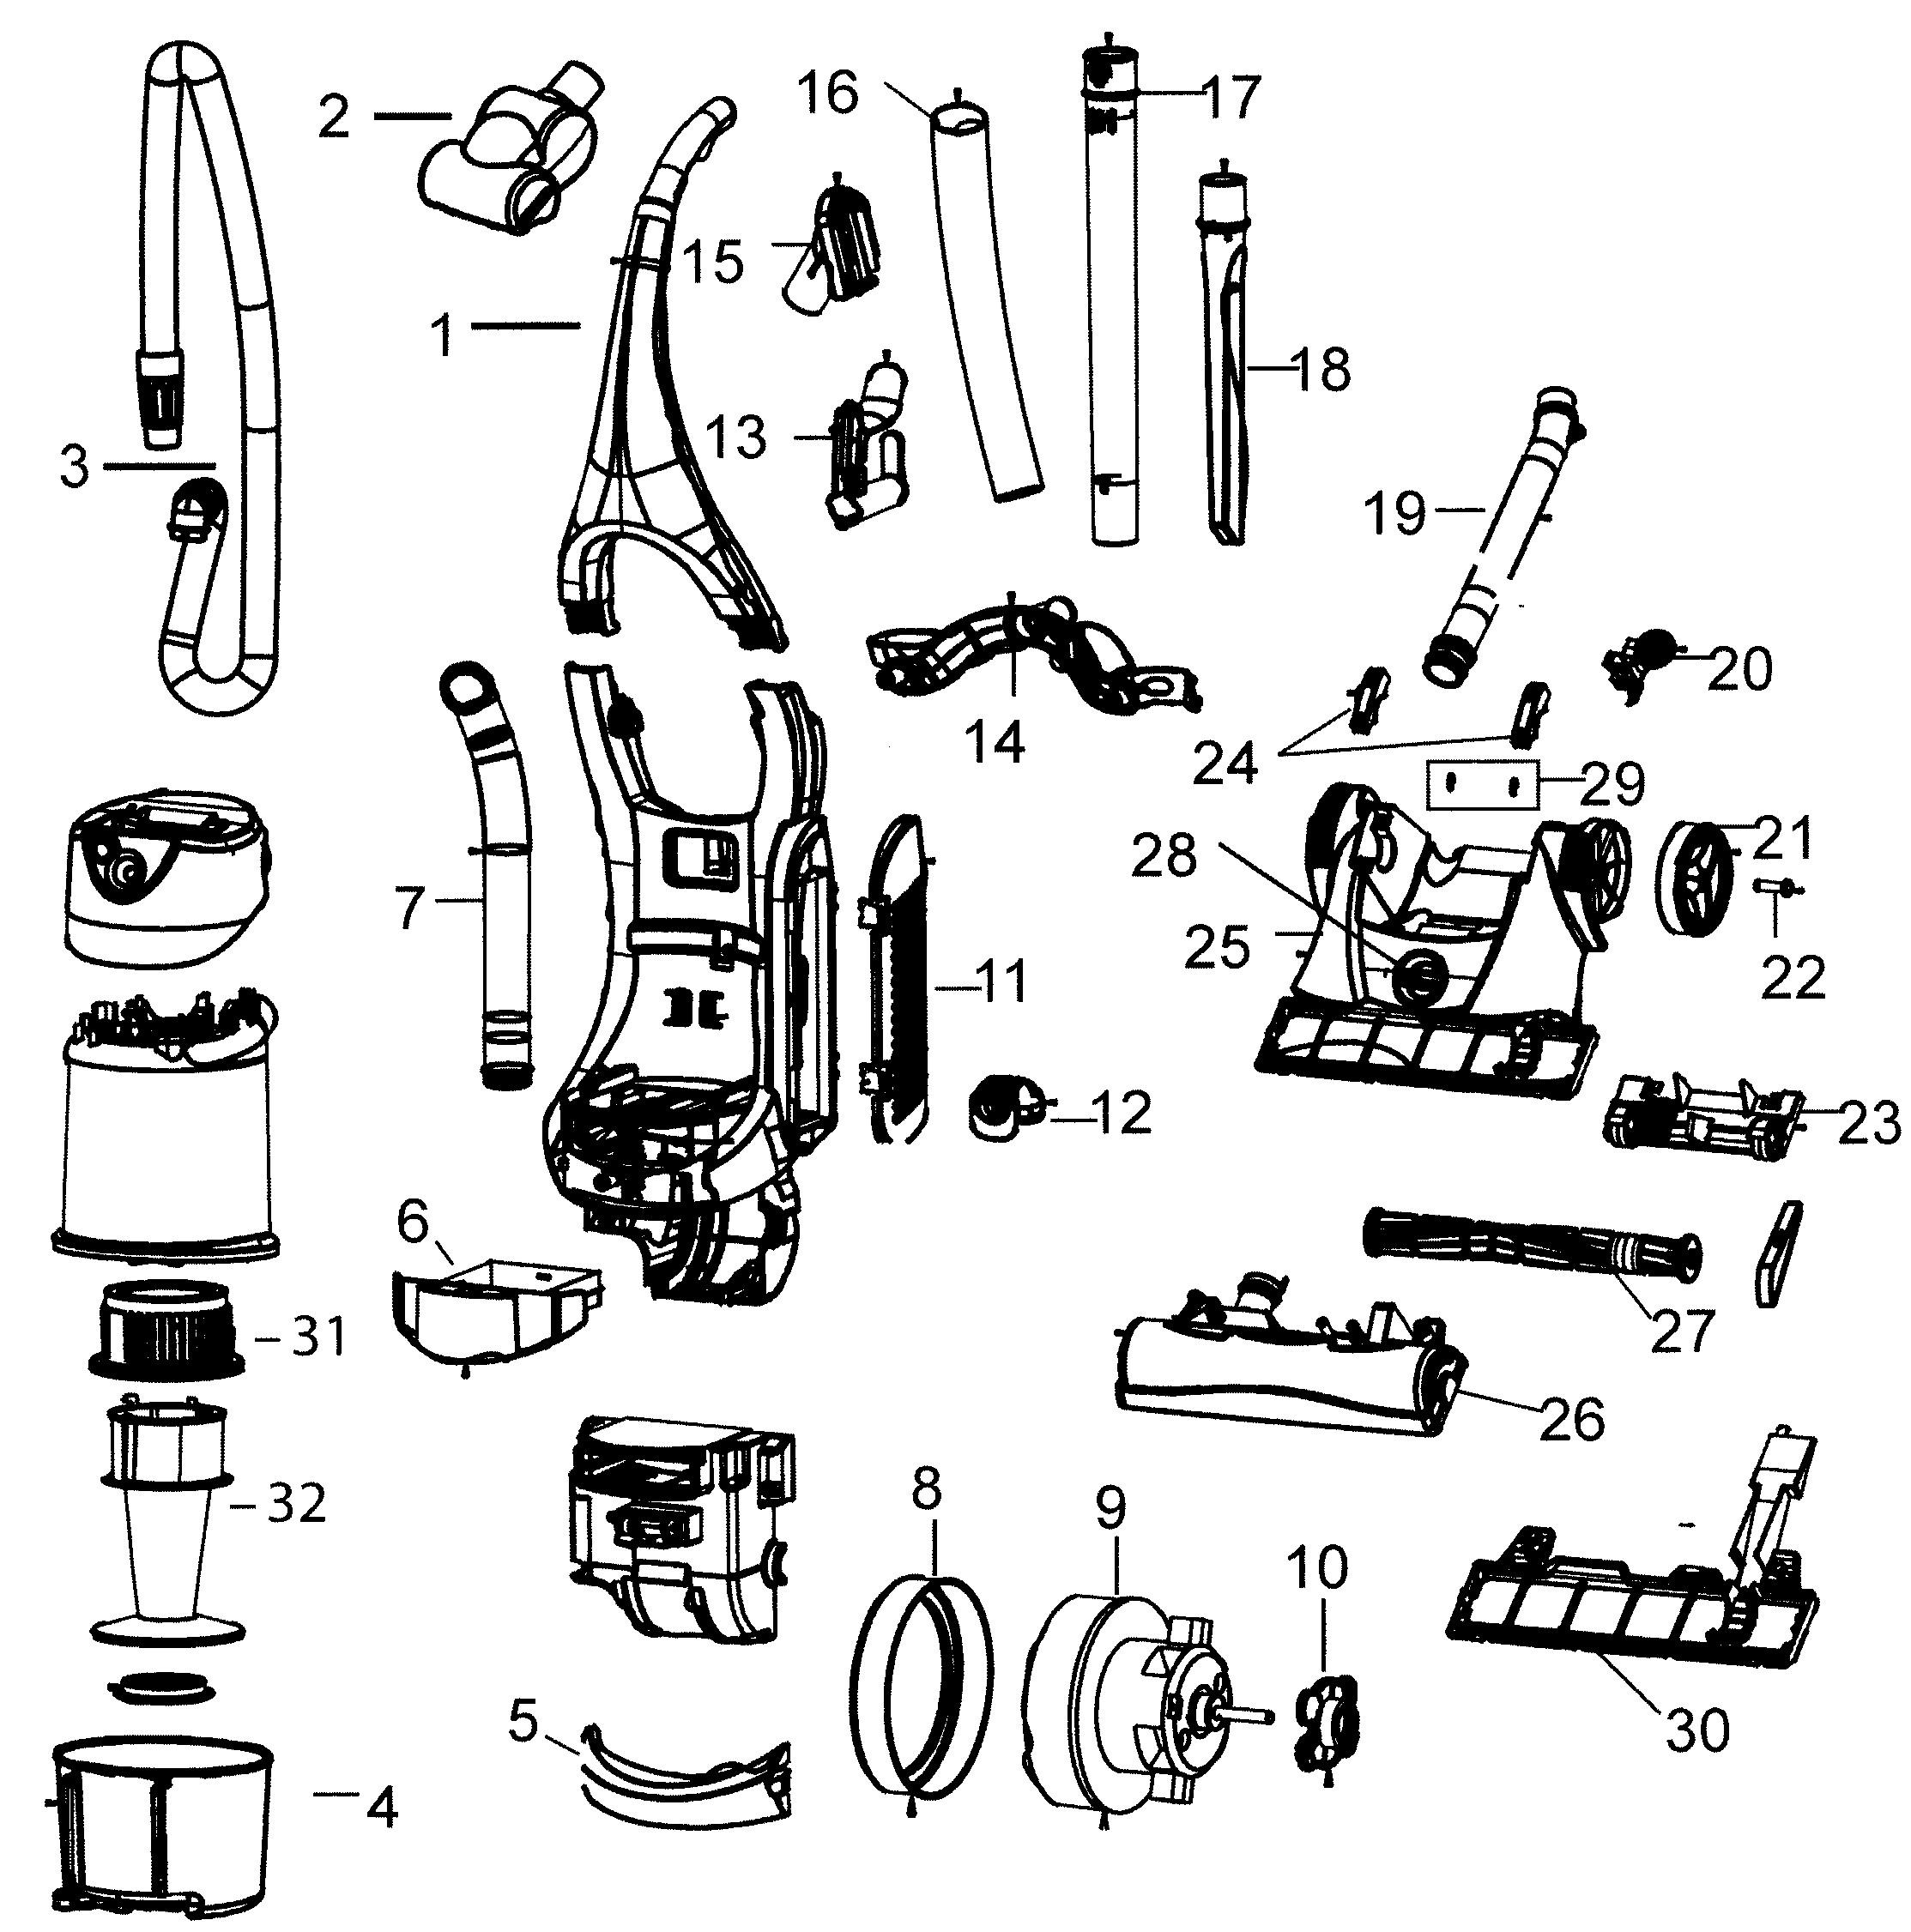 Dyson Dc24 Parts Diagram